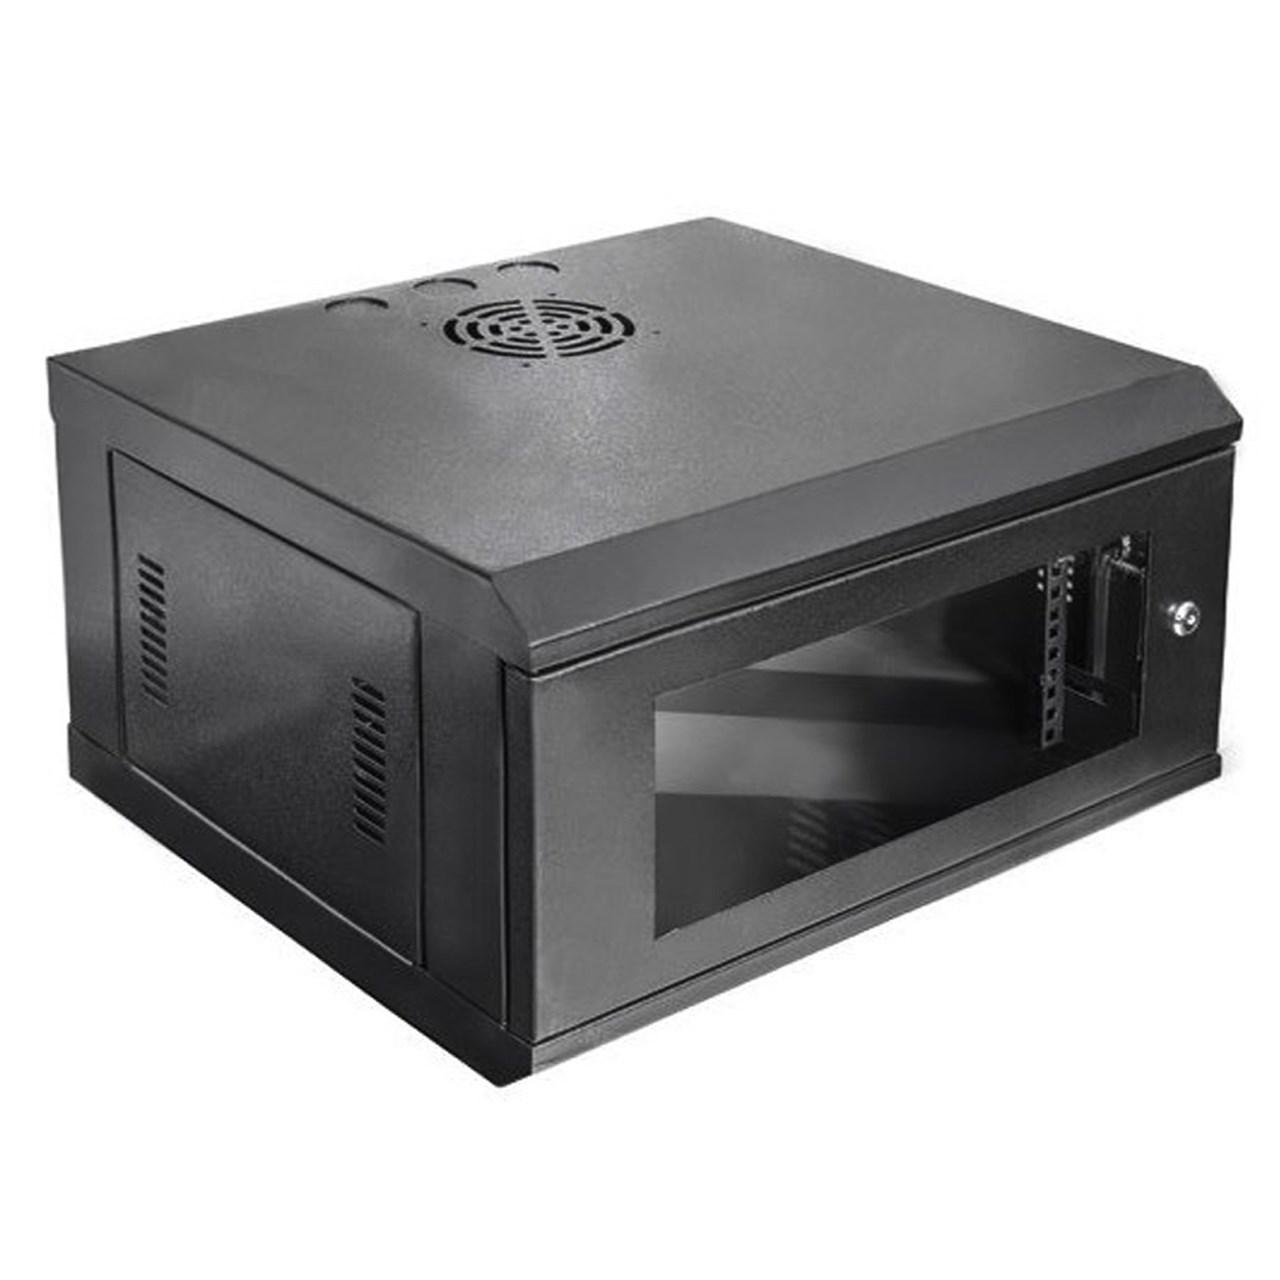 راک  سرور کراس مدل 6UD45